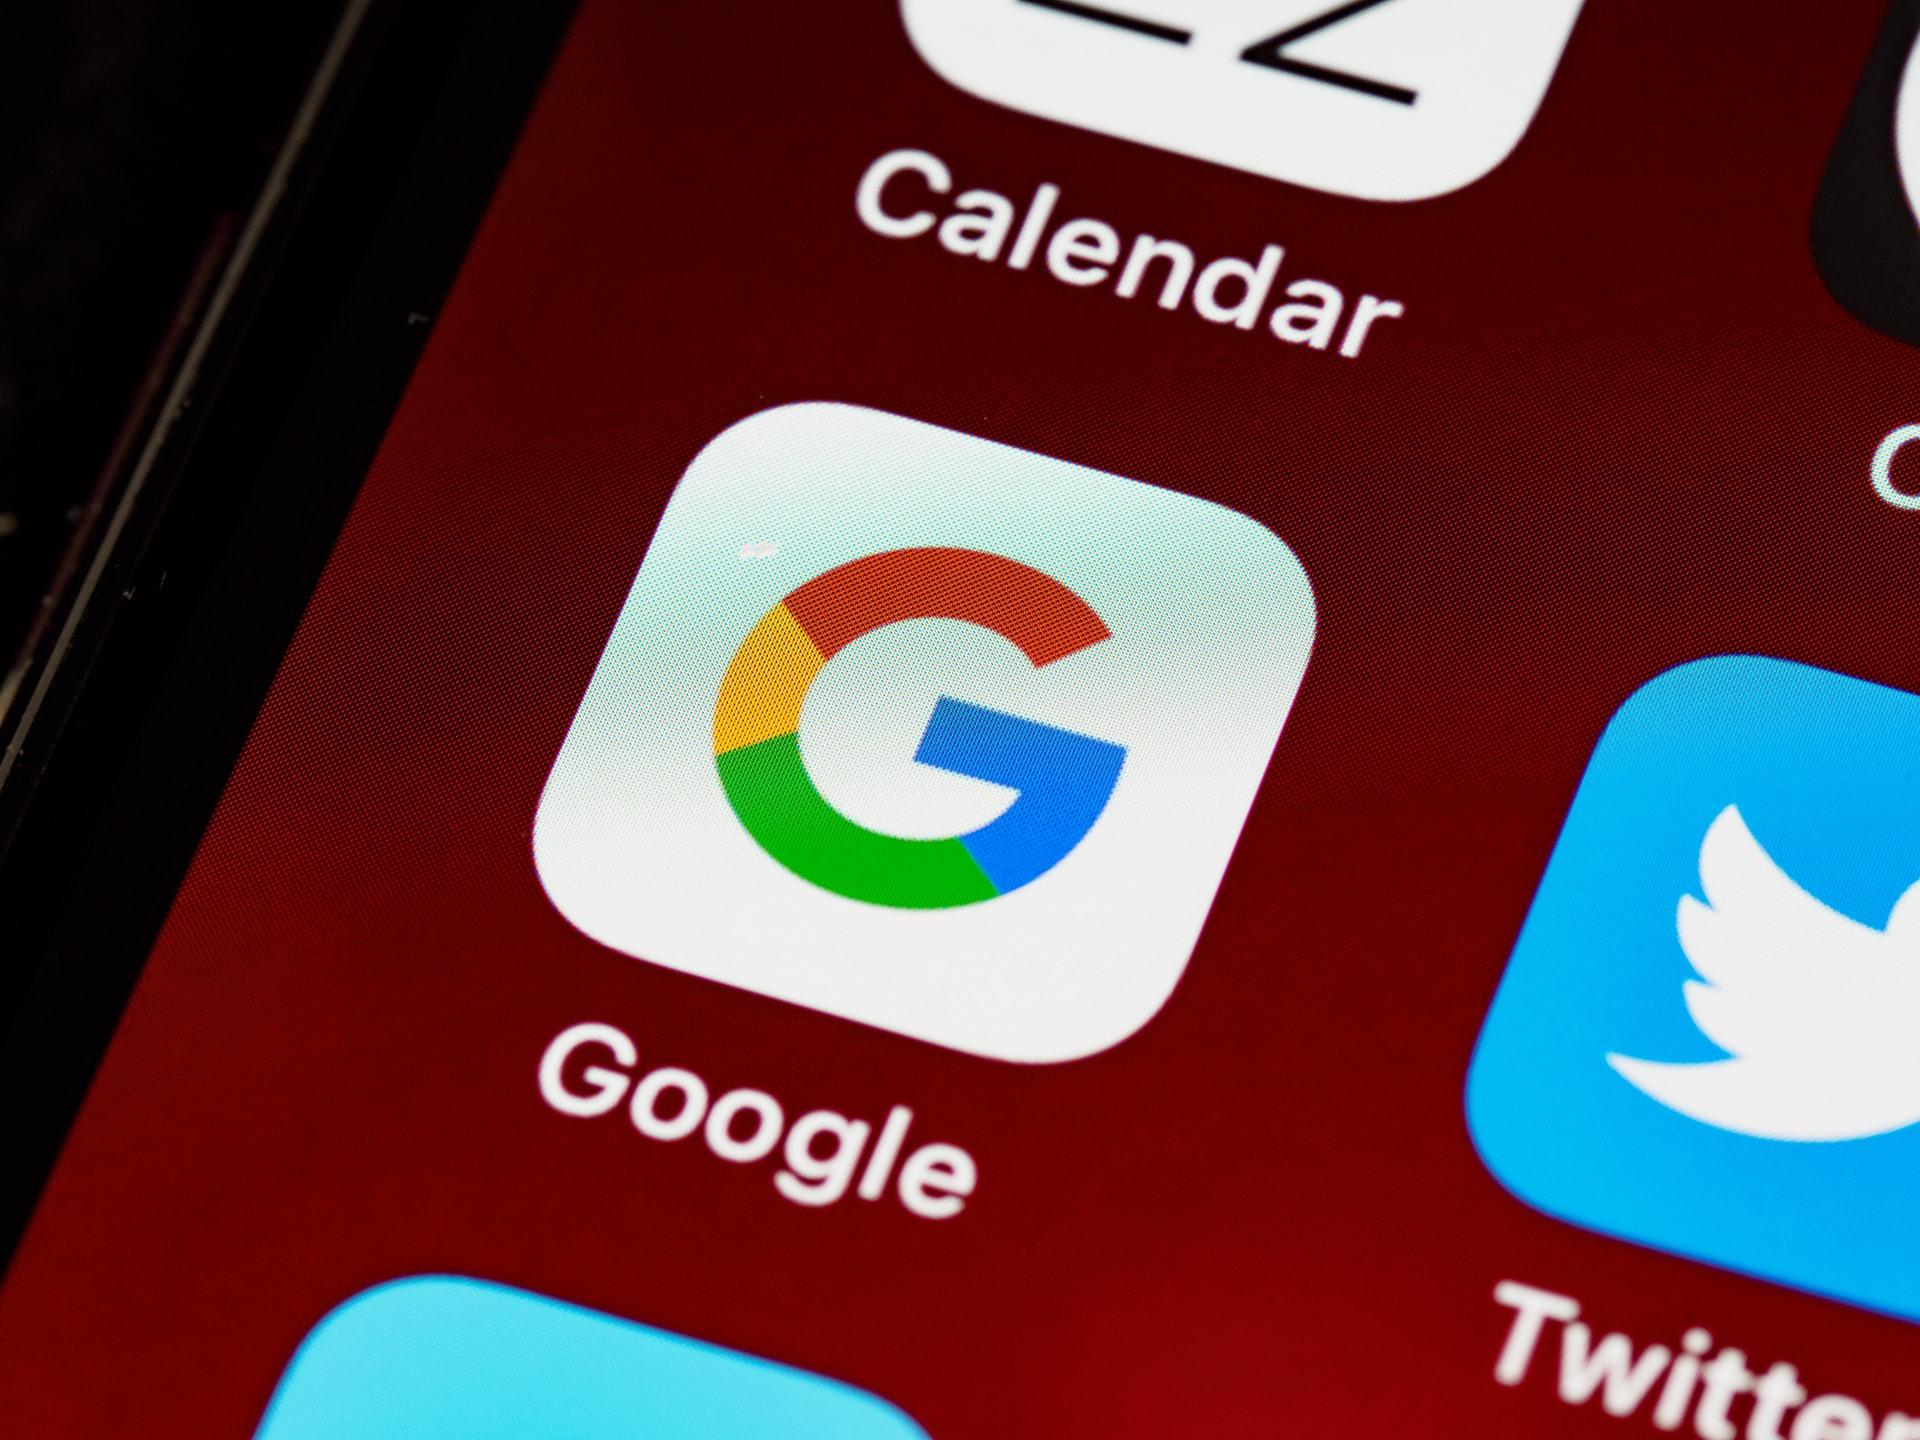 Материнская компания Google займется созданием ПО для роботов